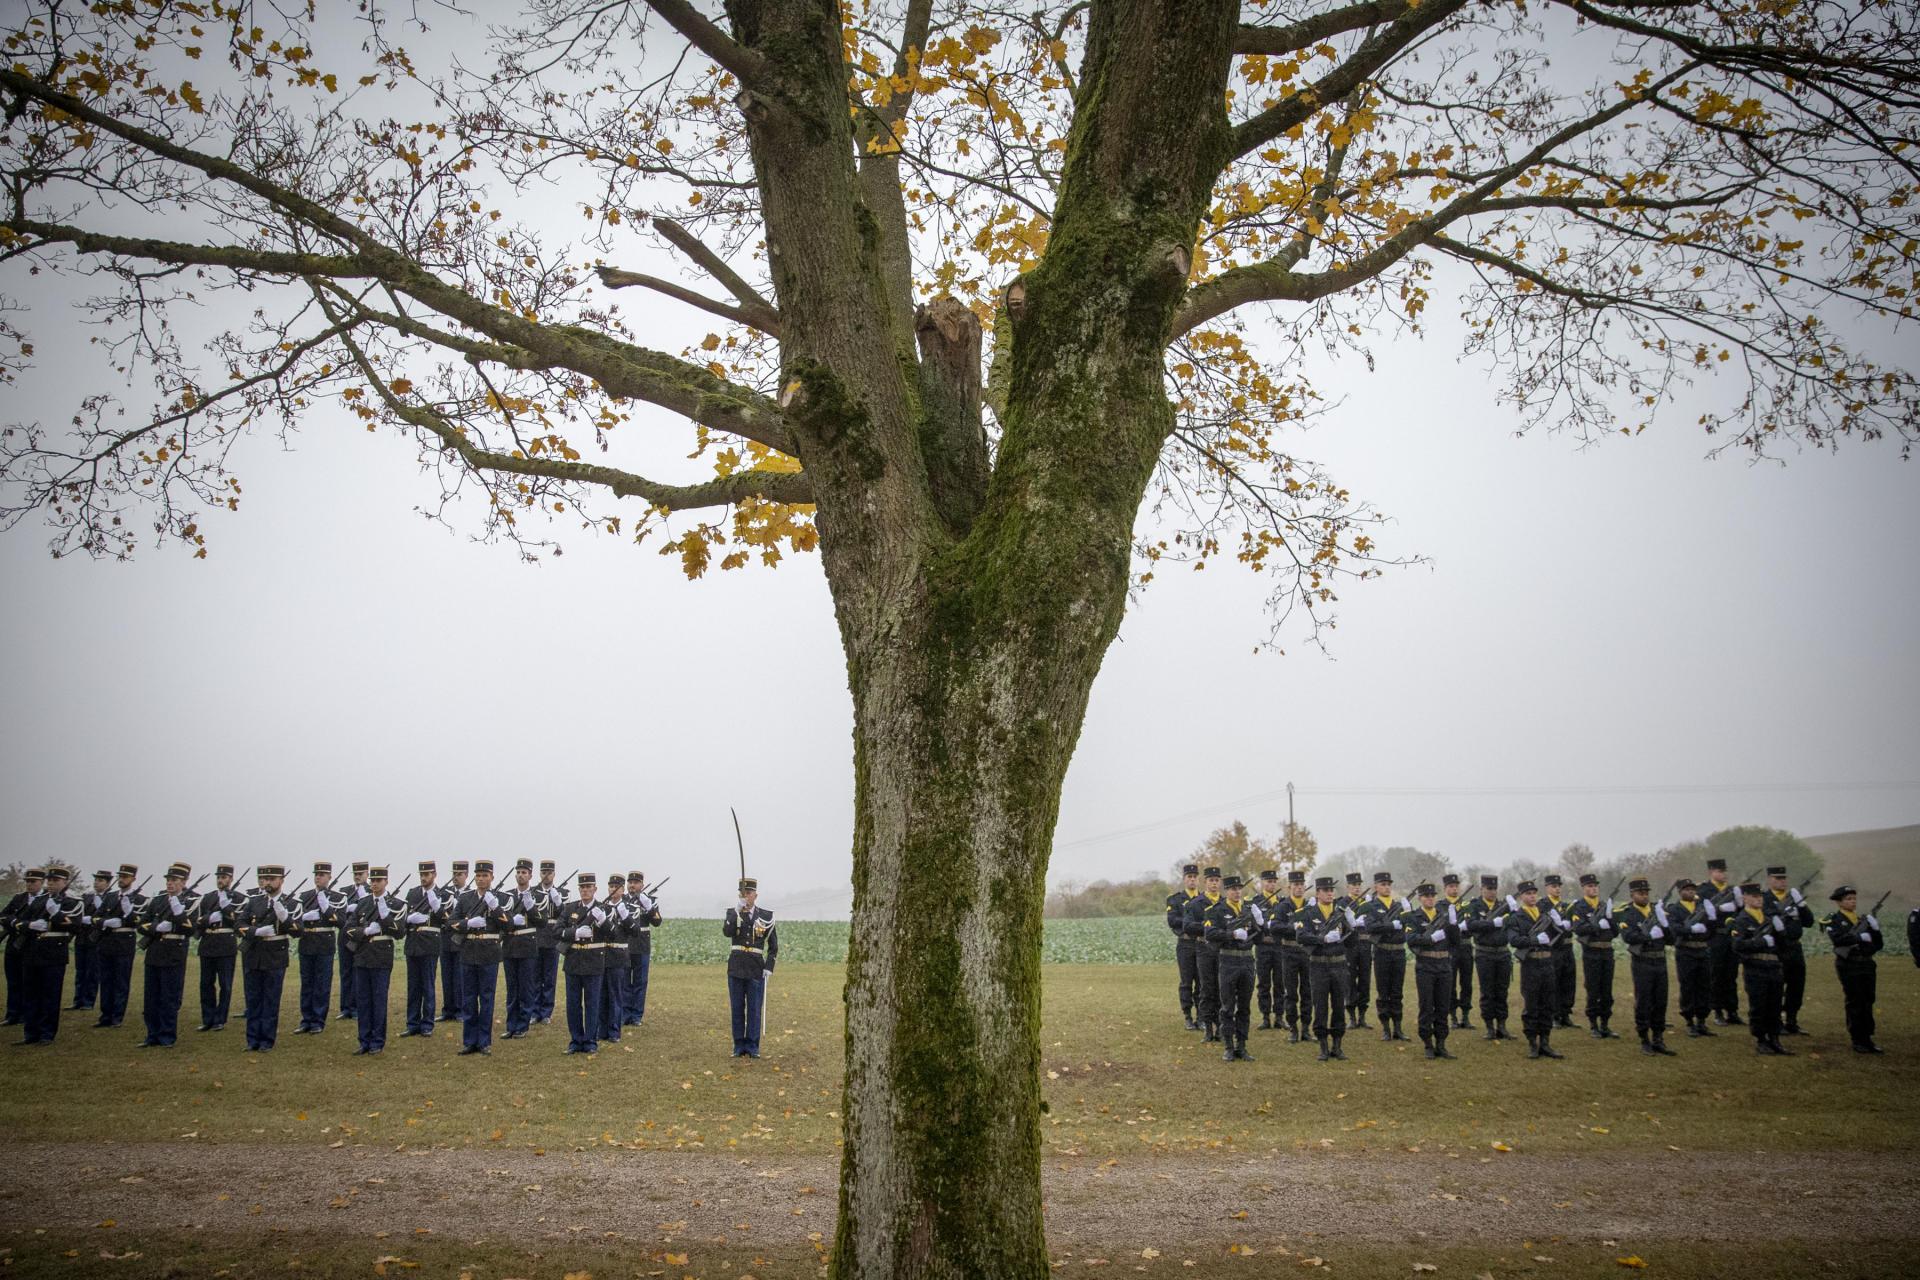 Hommage aux combattants français tués en août 1914 lors de la bataille des frontières à Morhange.